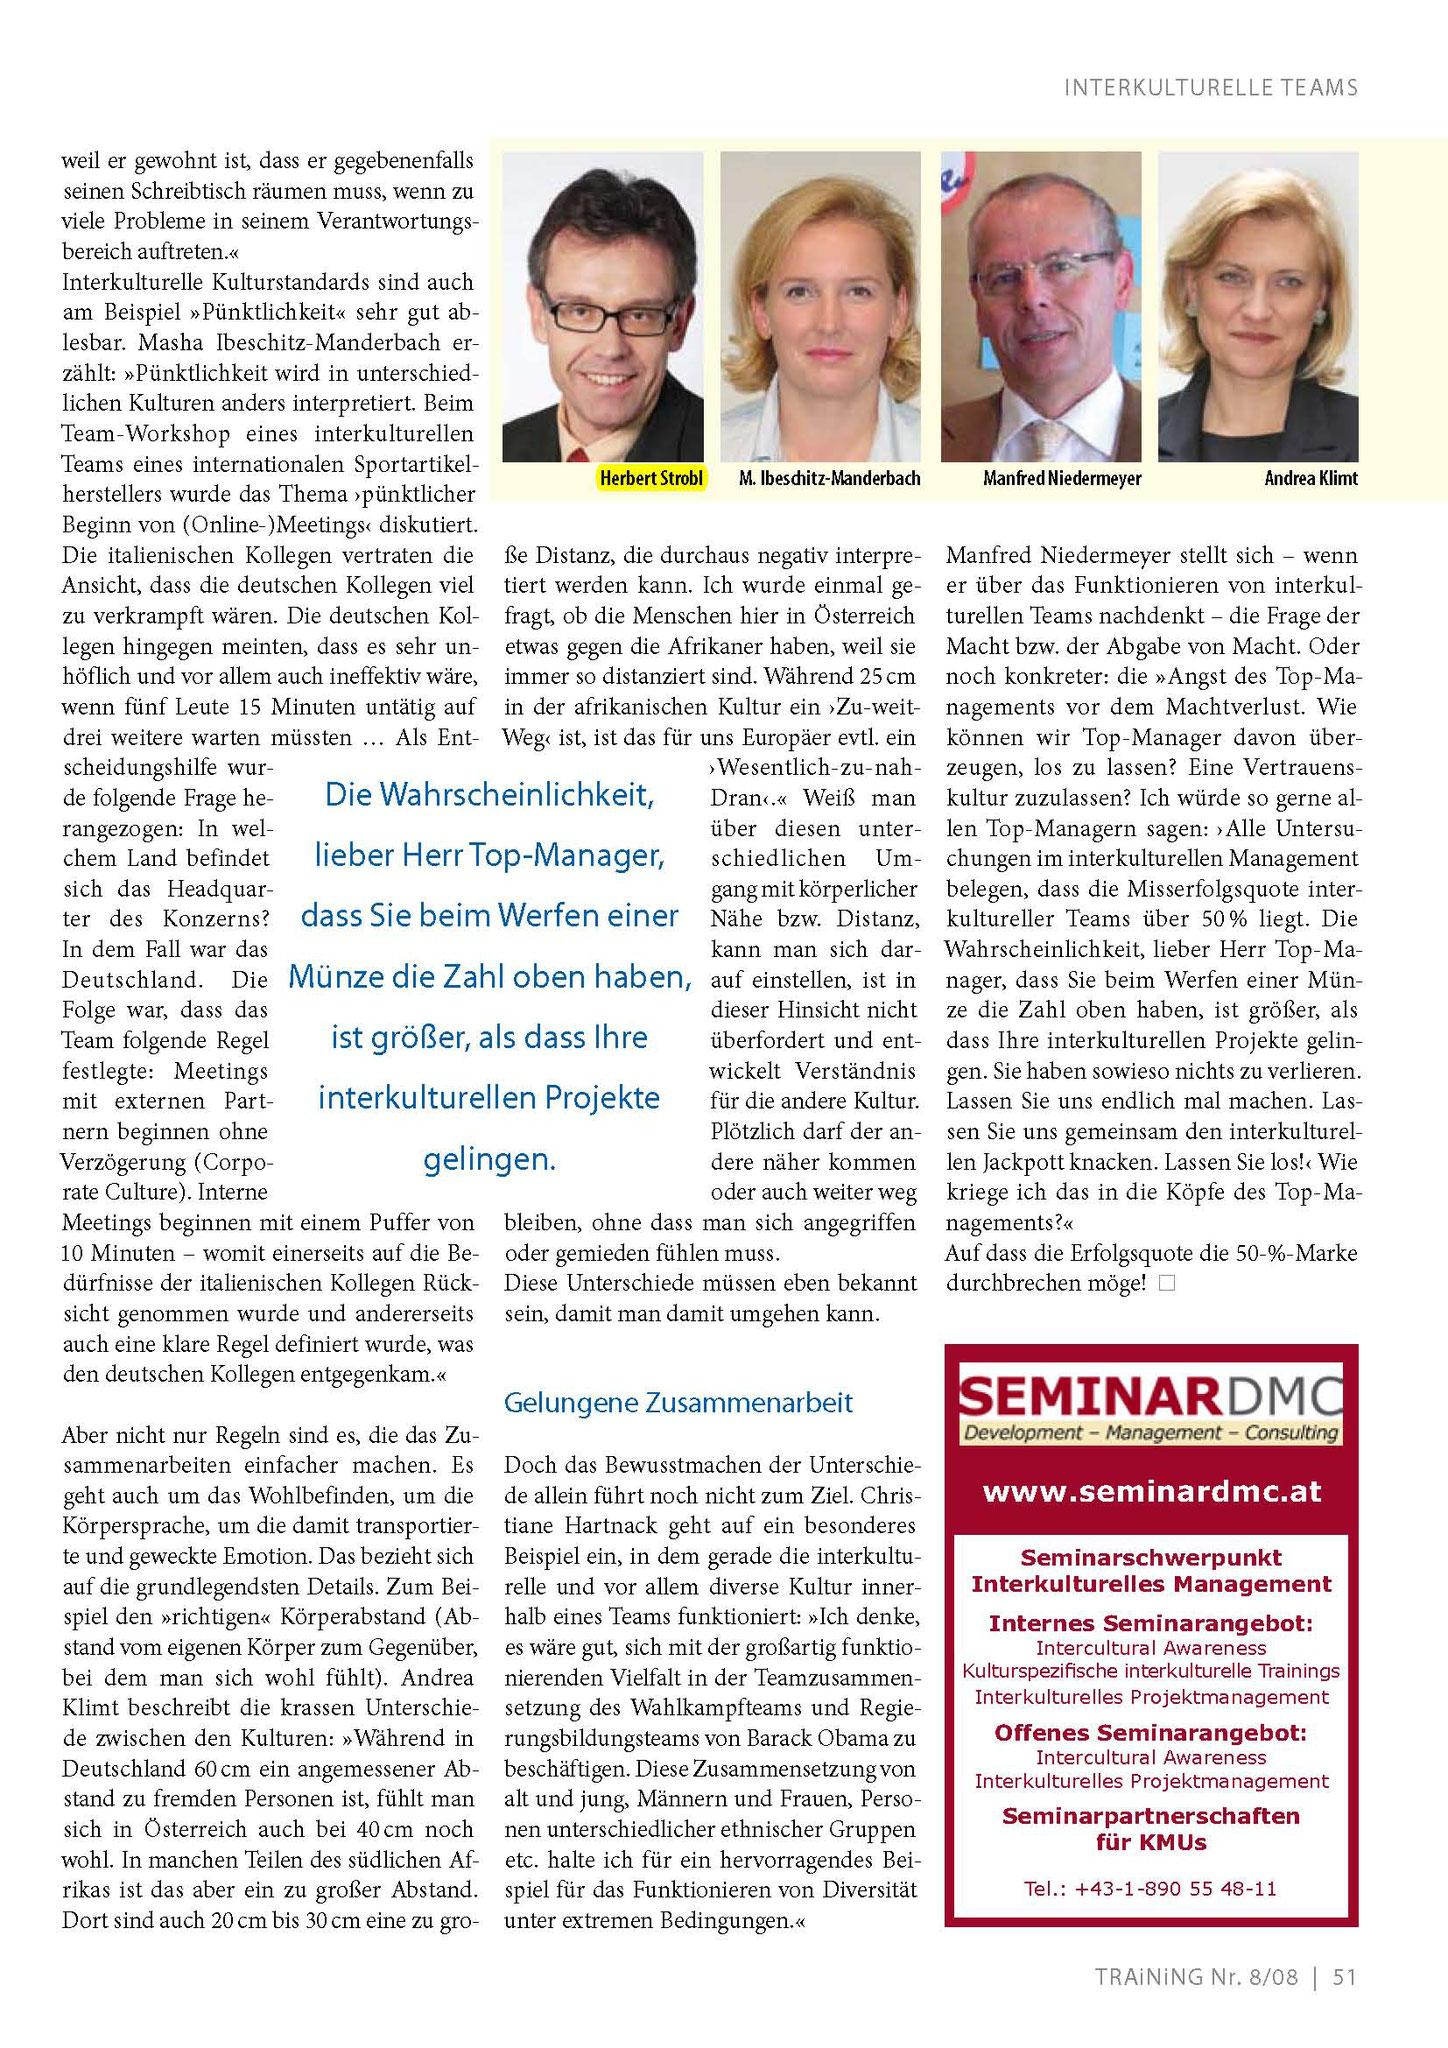 Interkulturelle Teamarbeit_TRAiNiNG Dez. 2008_Seite_4